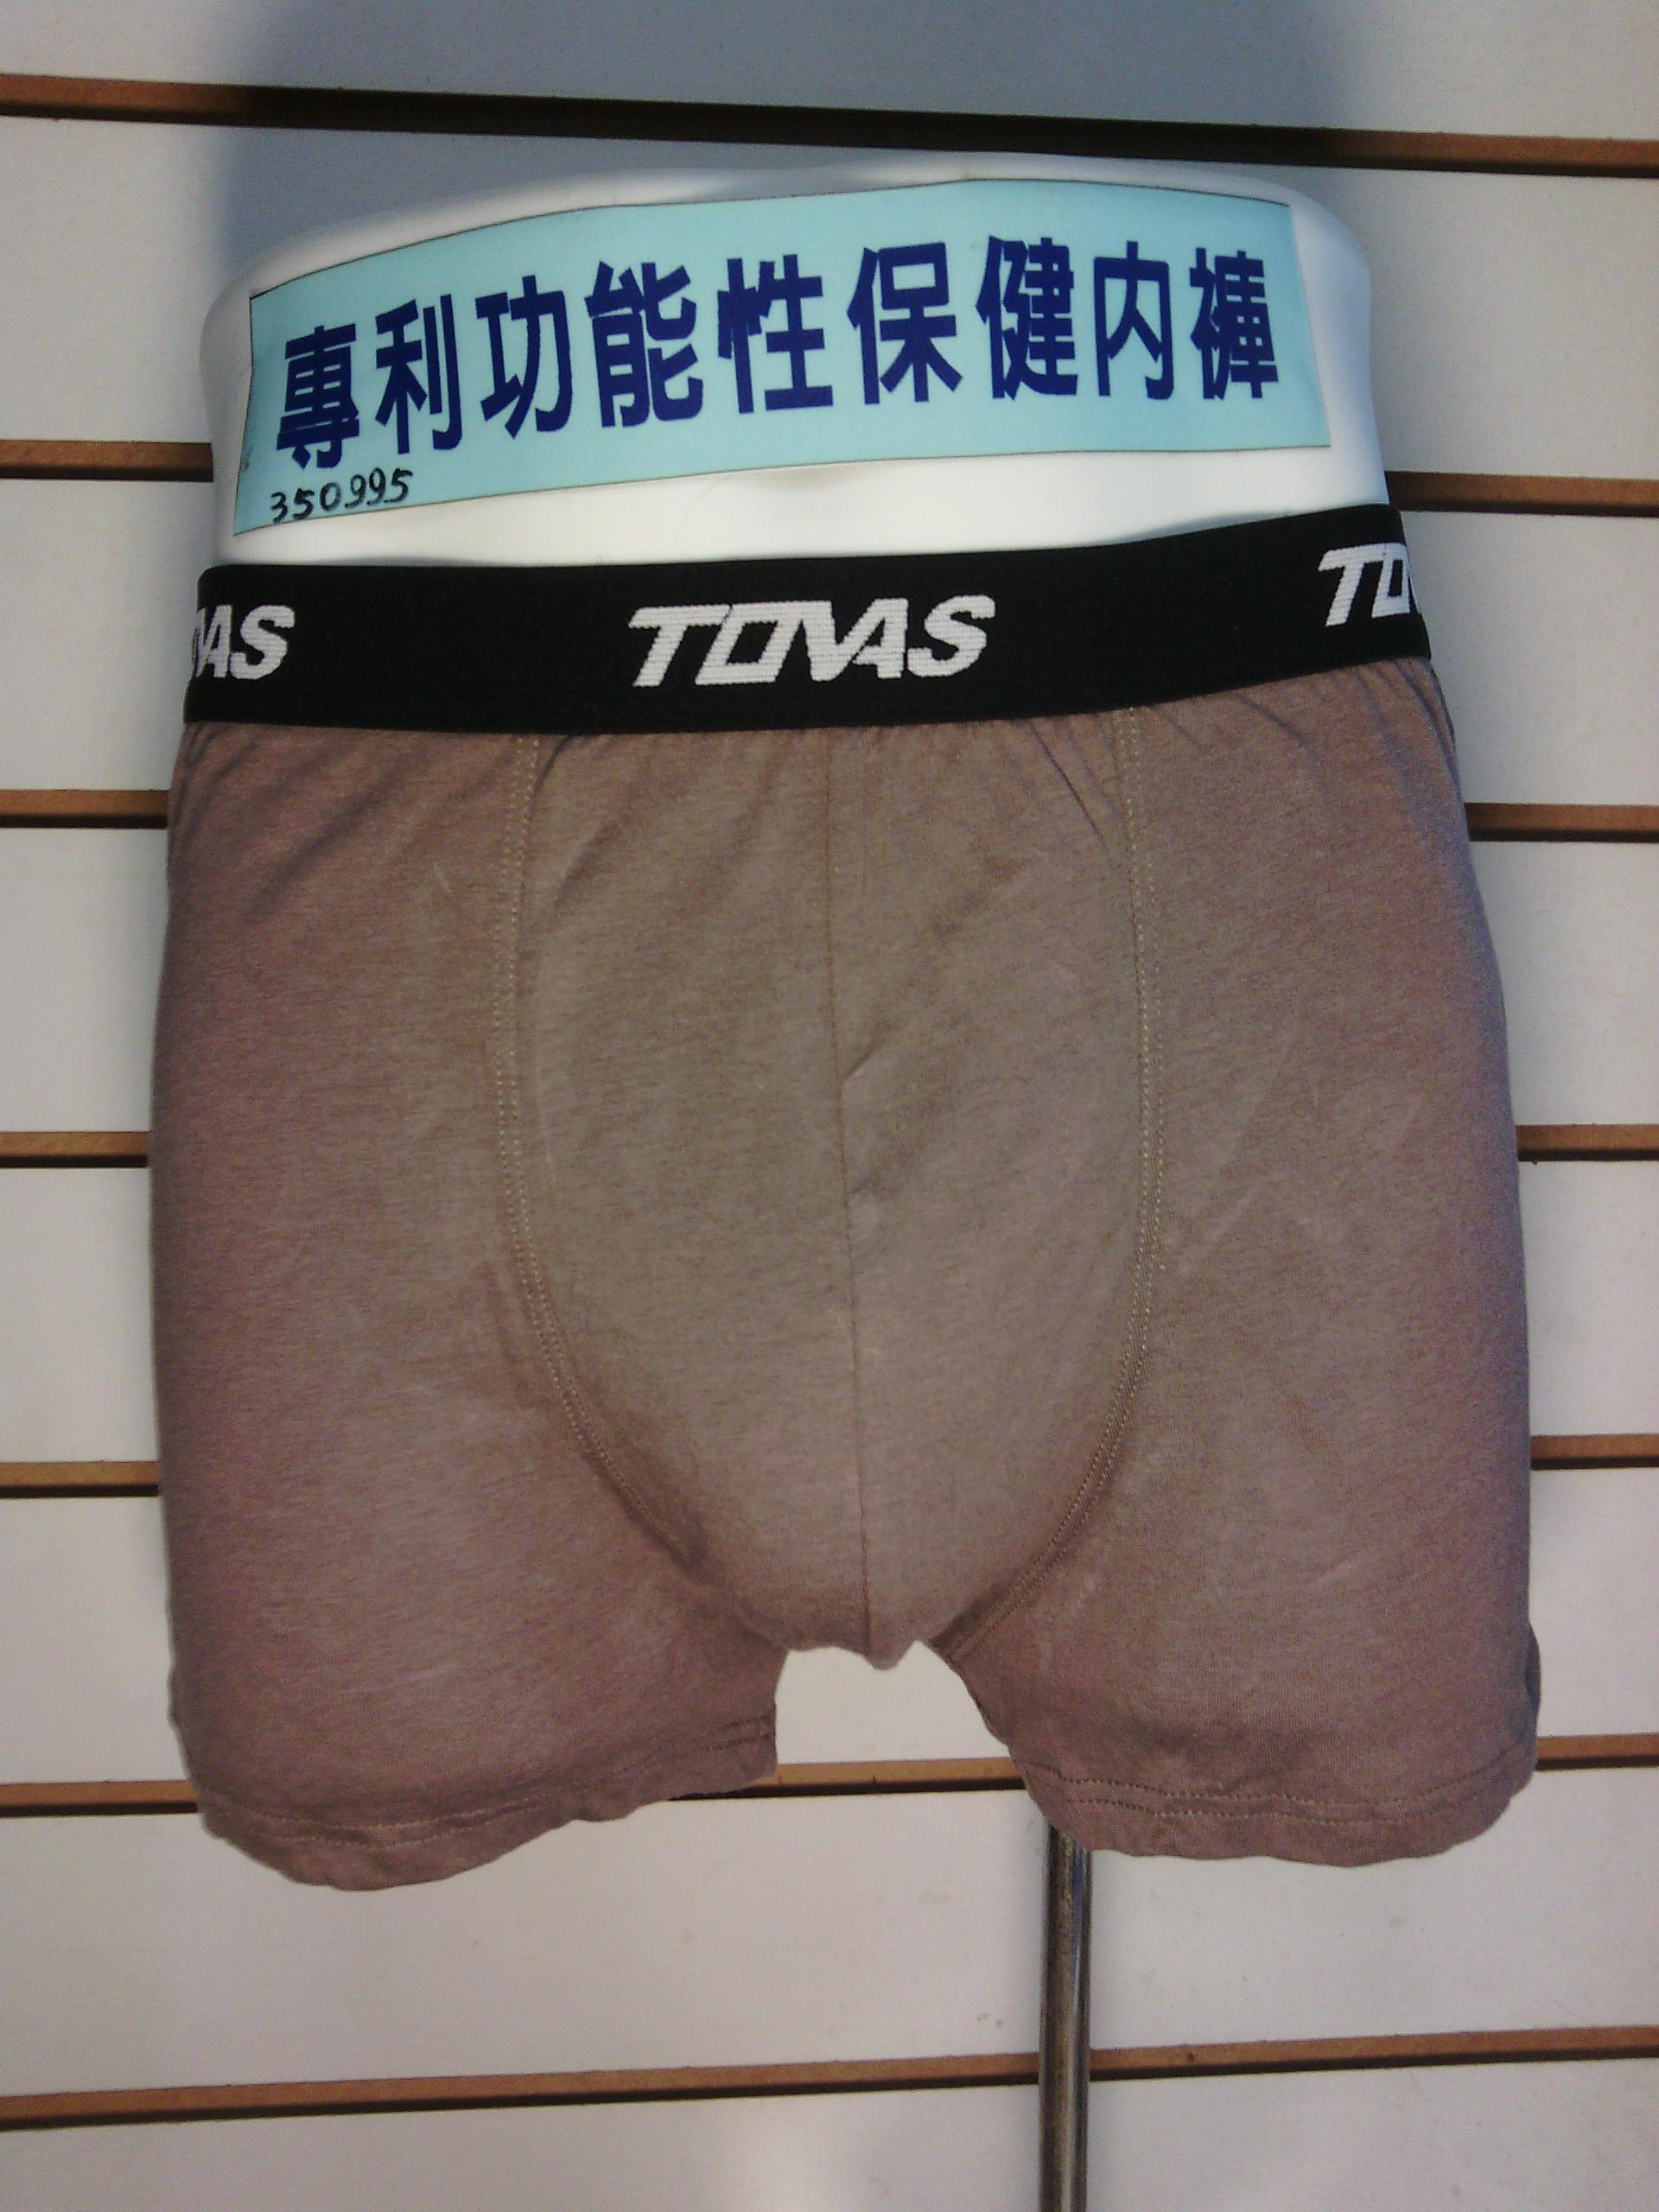 TOMAS 中腰 極致純綿四角褲-【培宇商城】    S9114BA      舒適透氣內褲    盒裝 內褲x1件裝